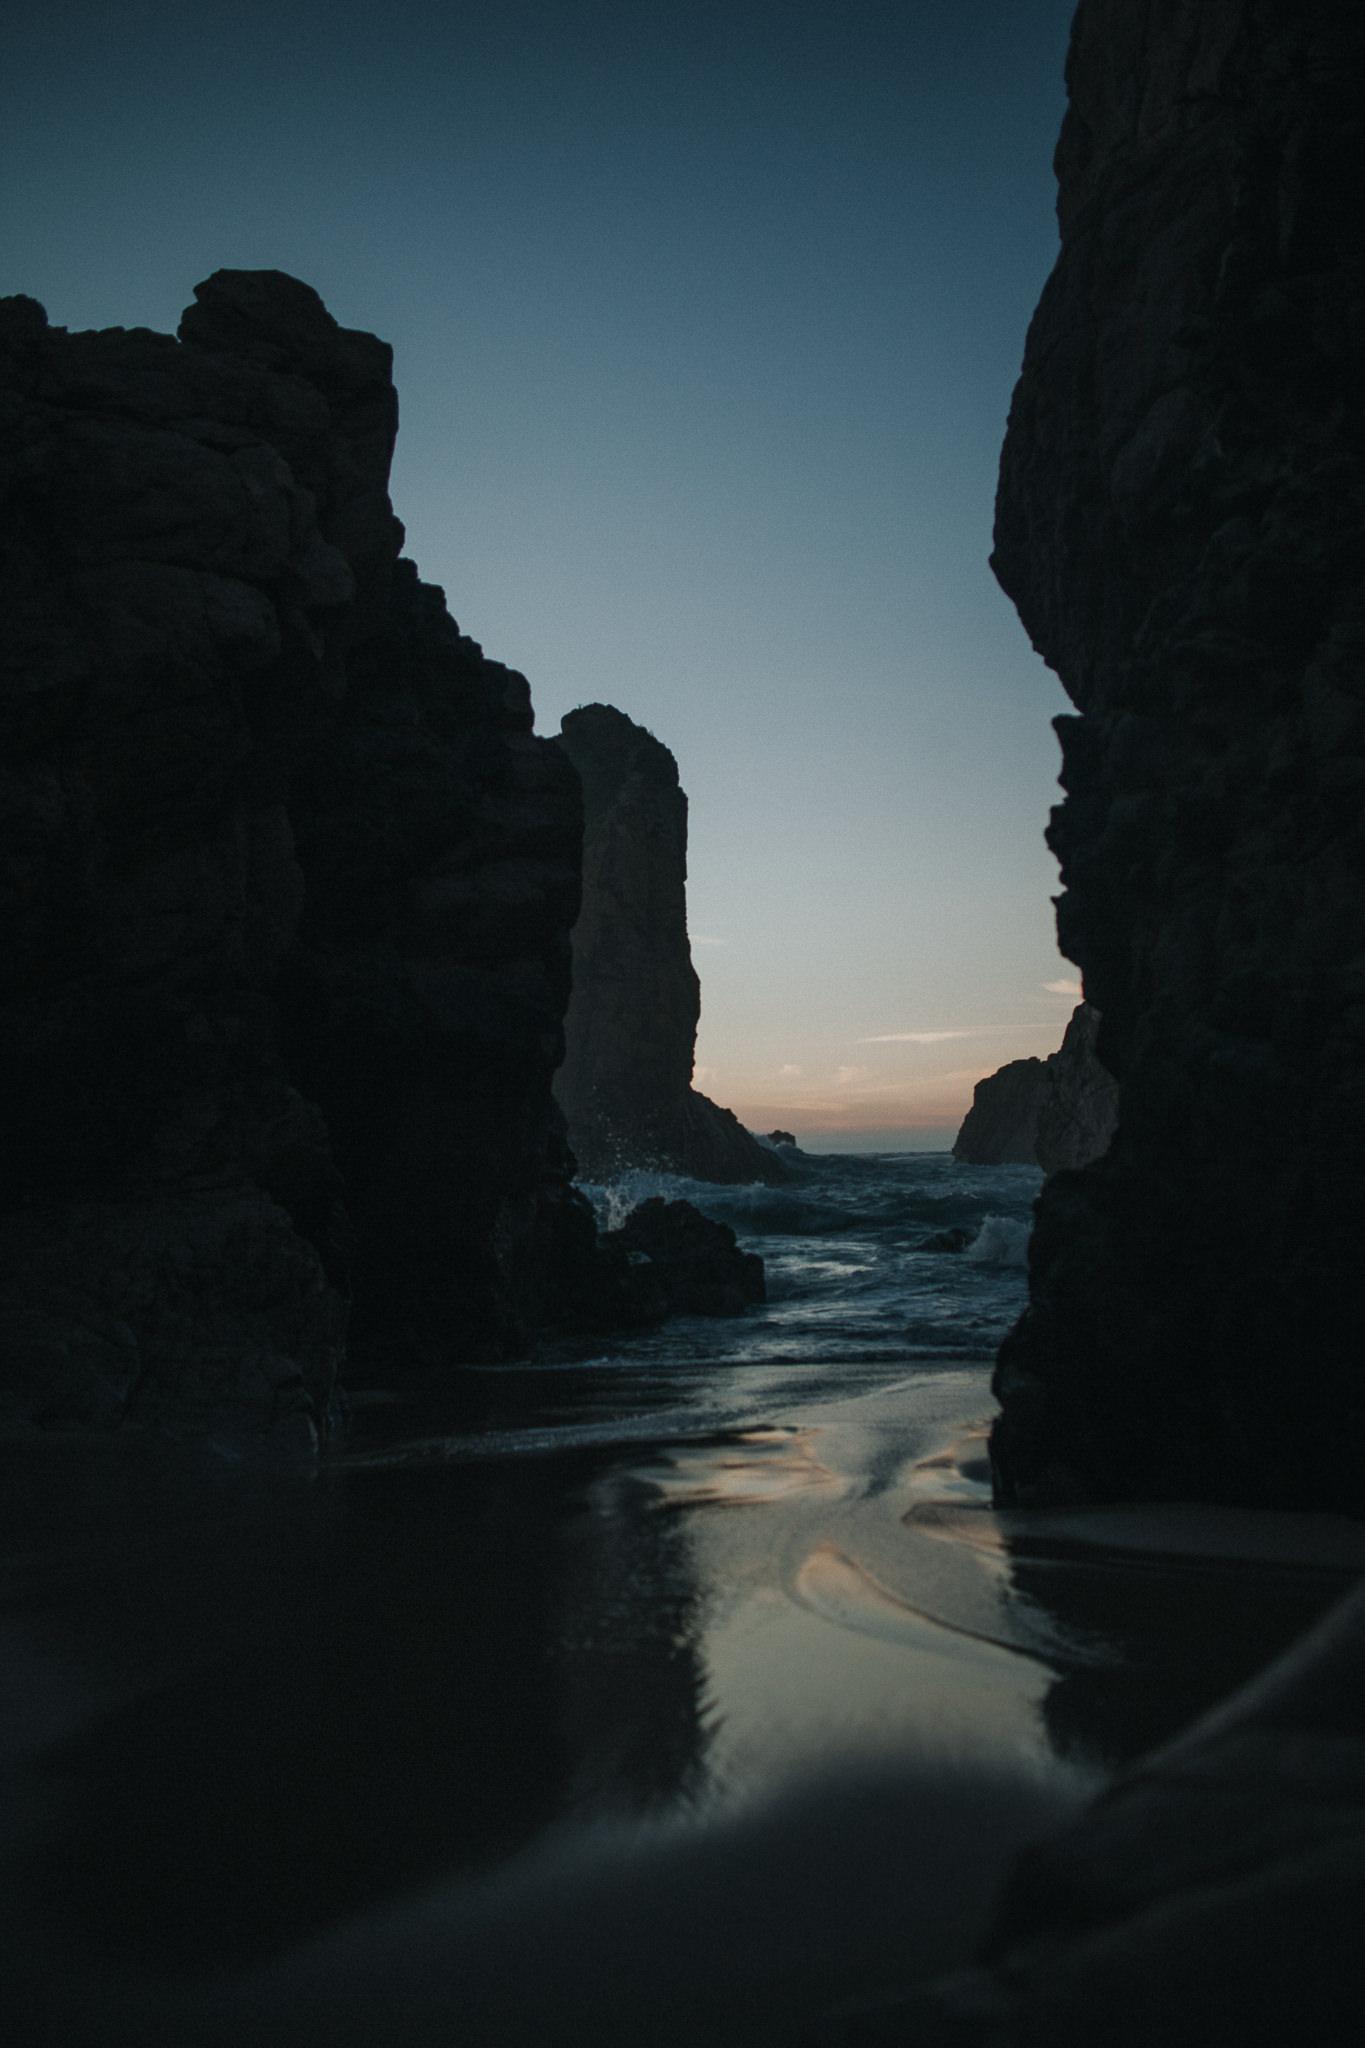 Rocks at Praia da Ursa